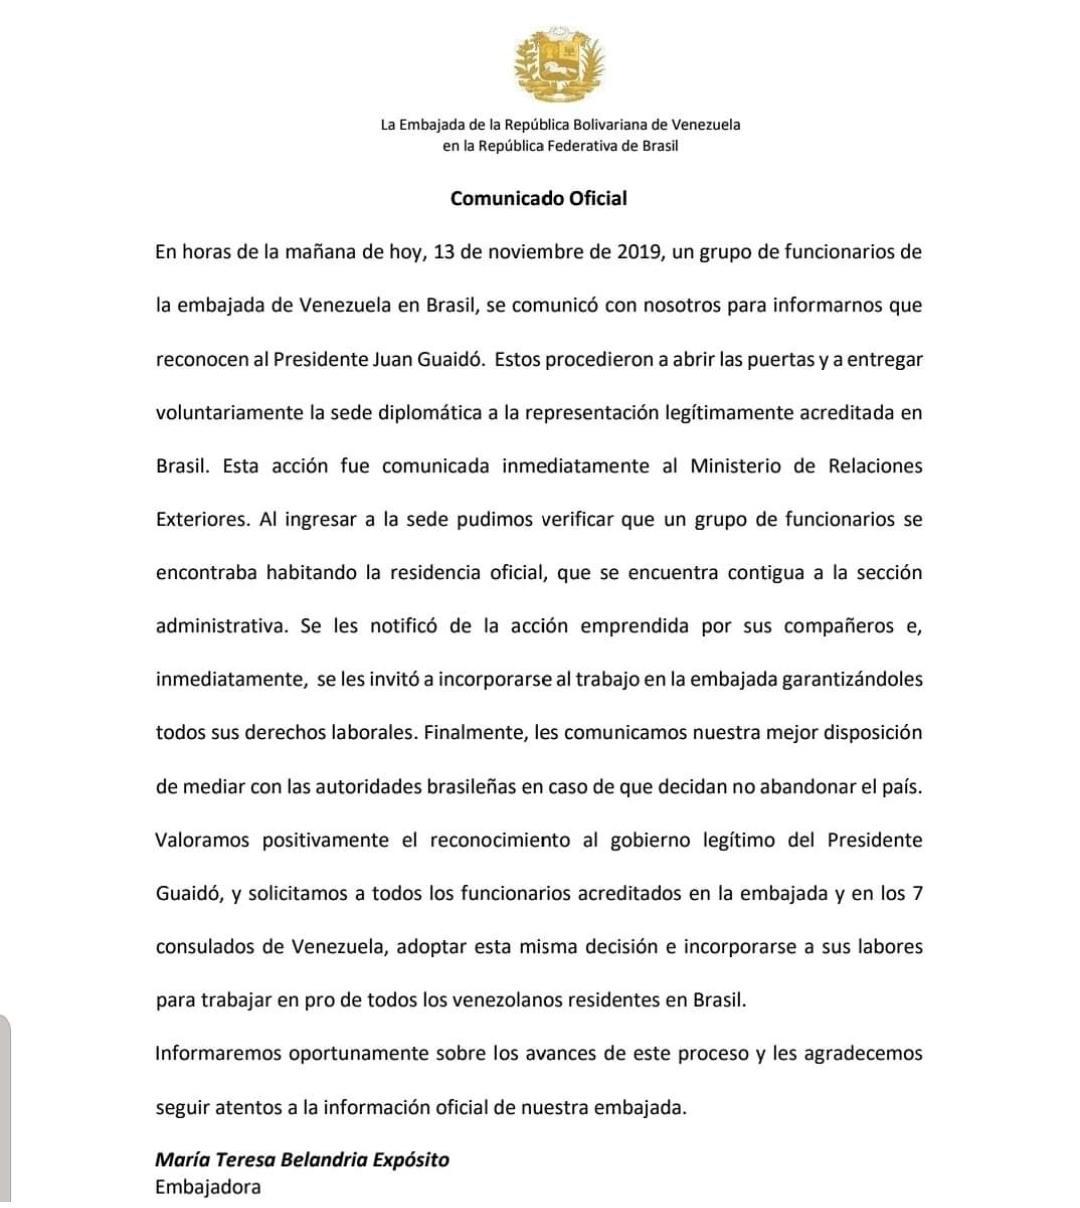 Representante de Guaidó en Brasil asume control de la Embajada